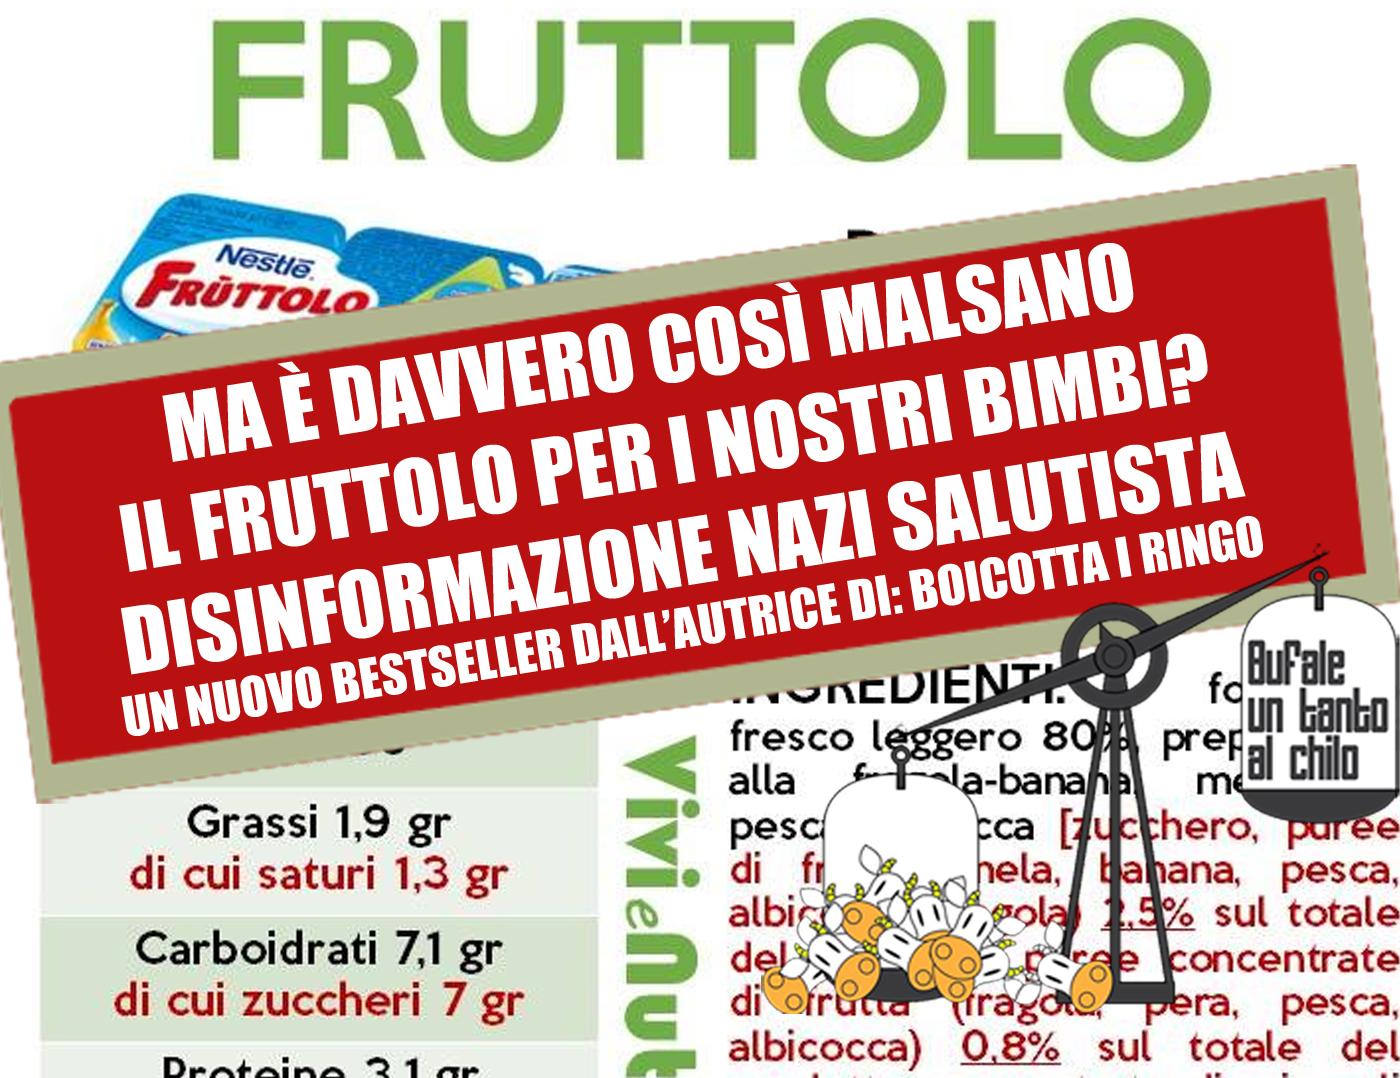 FRUTTOLO